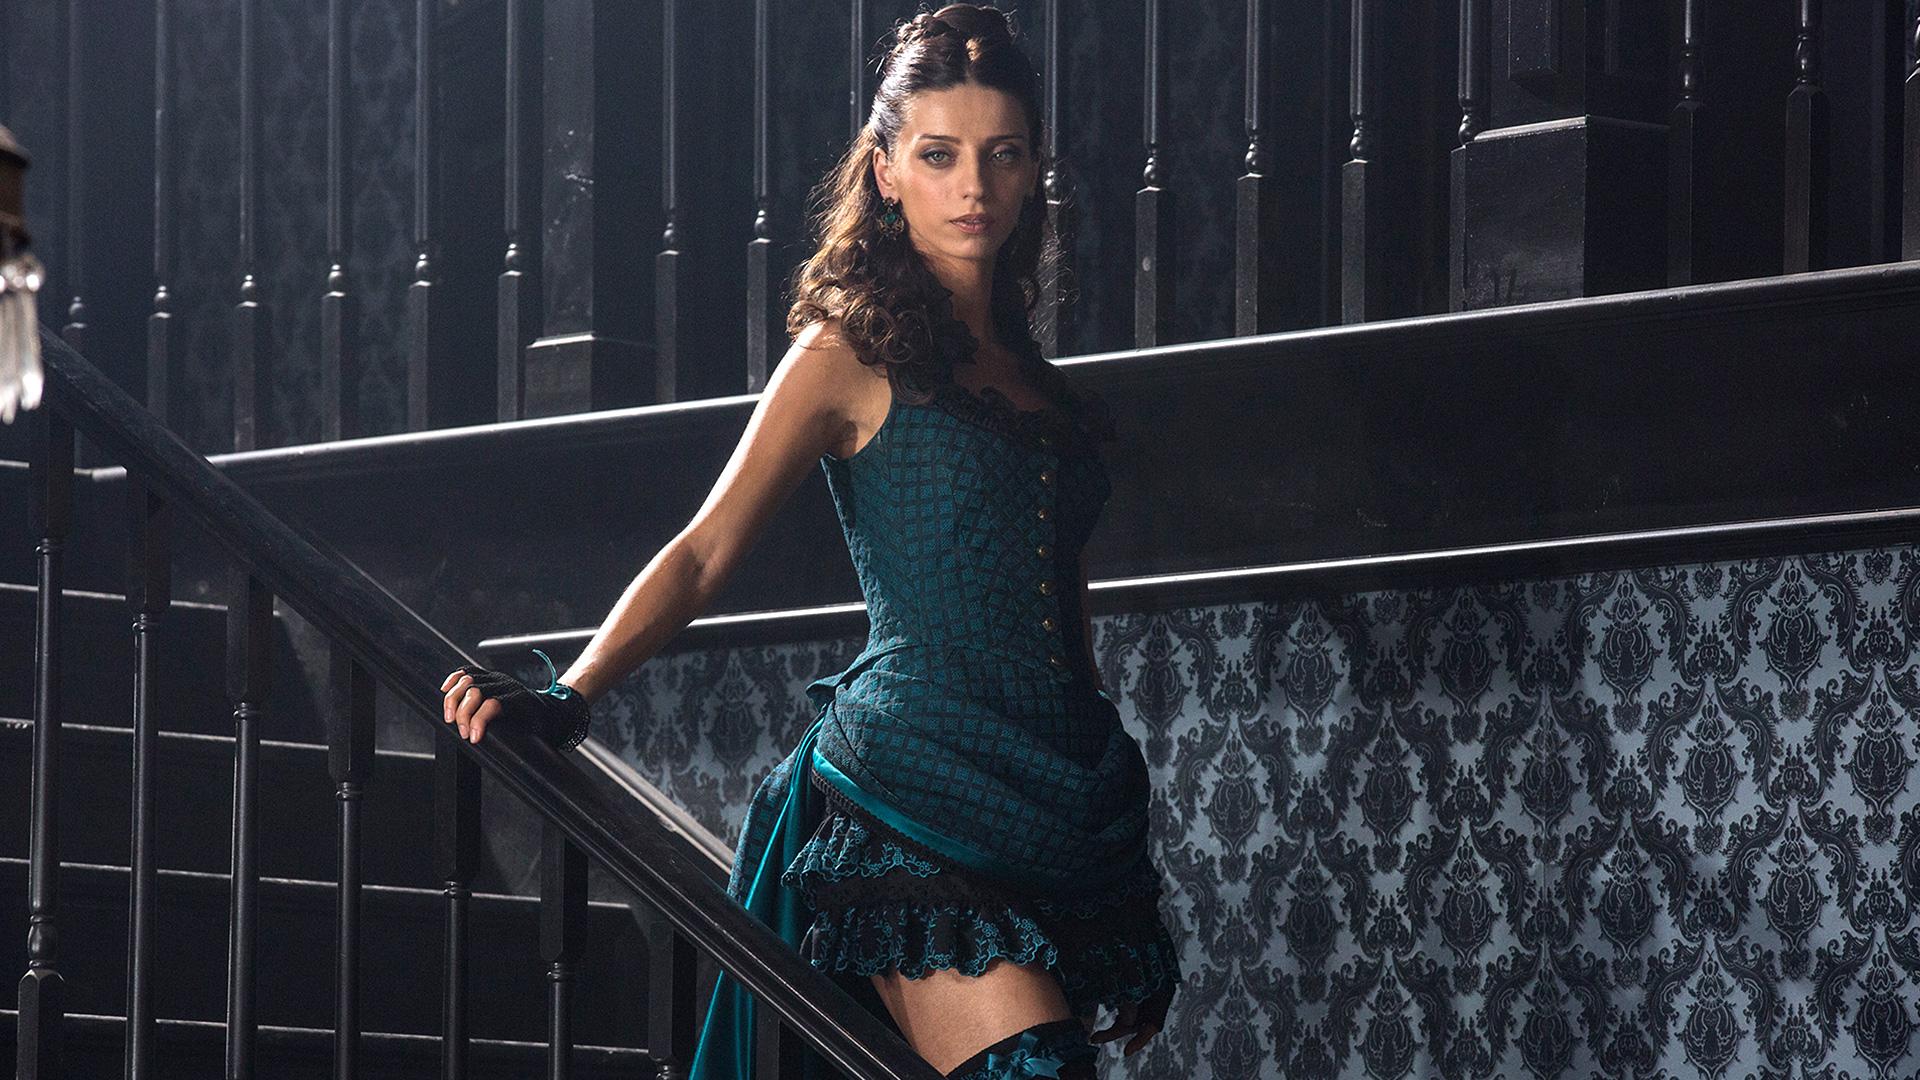 Angela Sarafyan portrays a robot in Westworld.